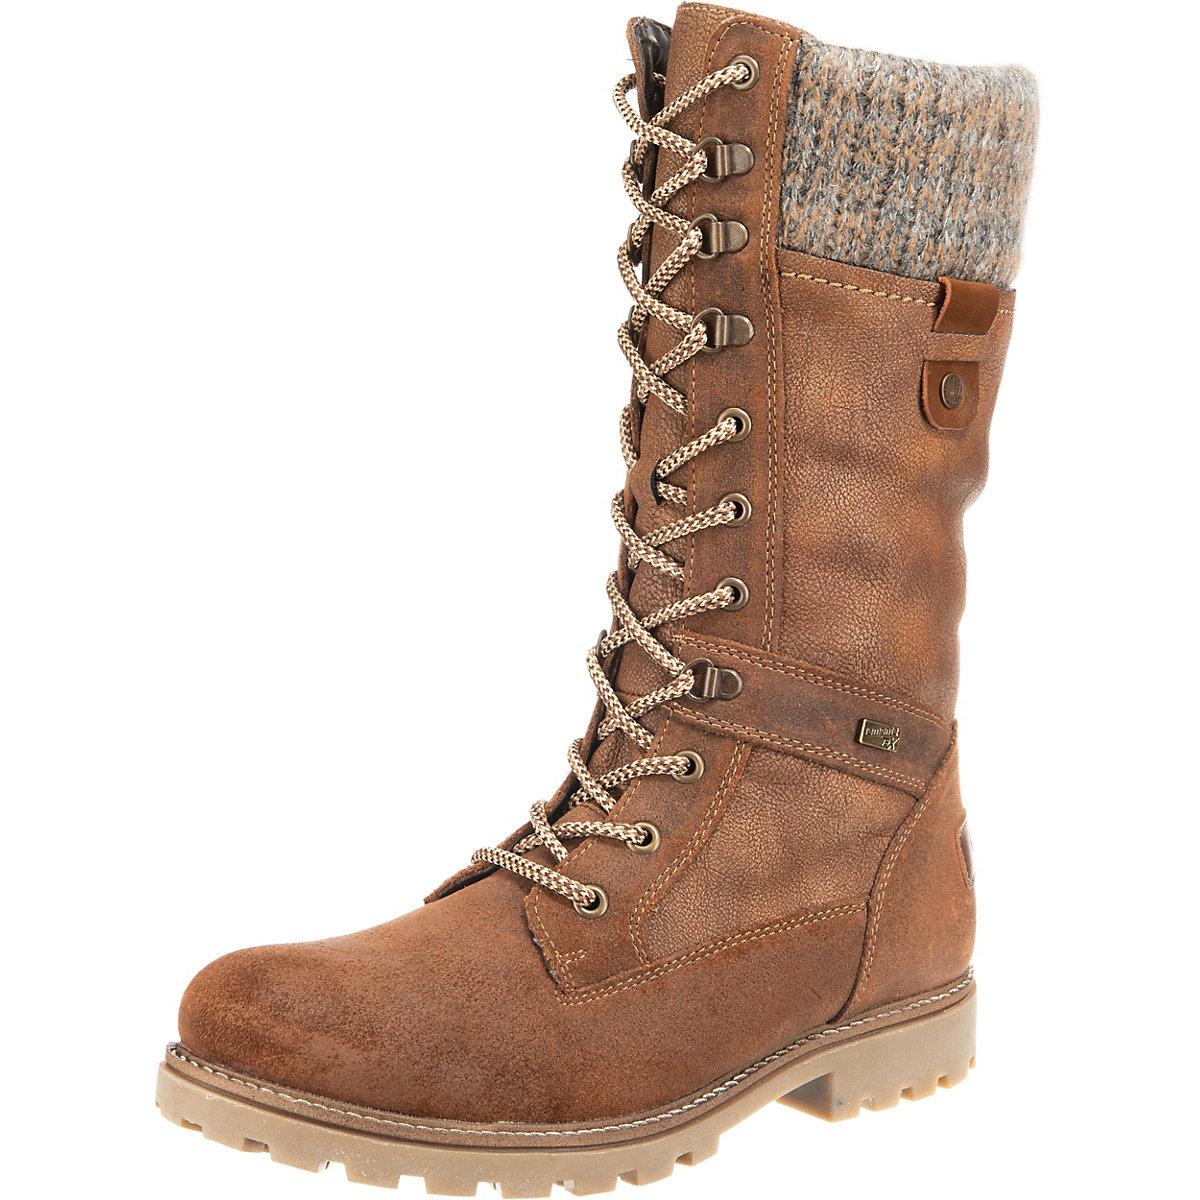 Remonte, Winterstiefel, braun  Gute Qualität beliebte Schuhe